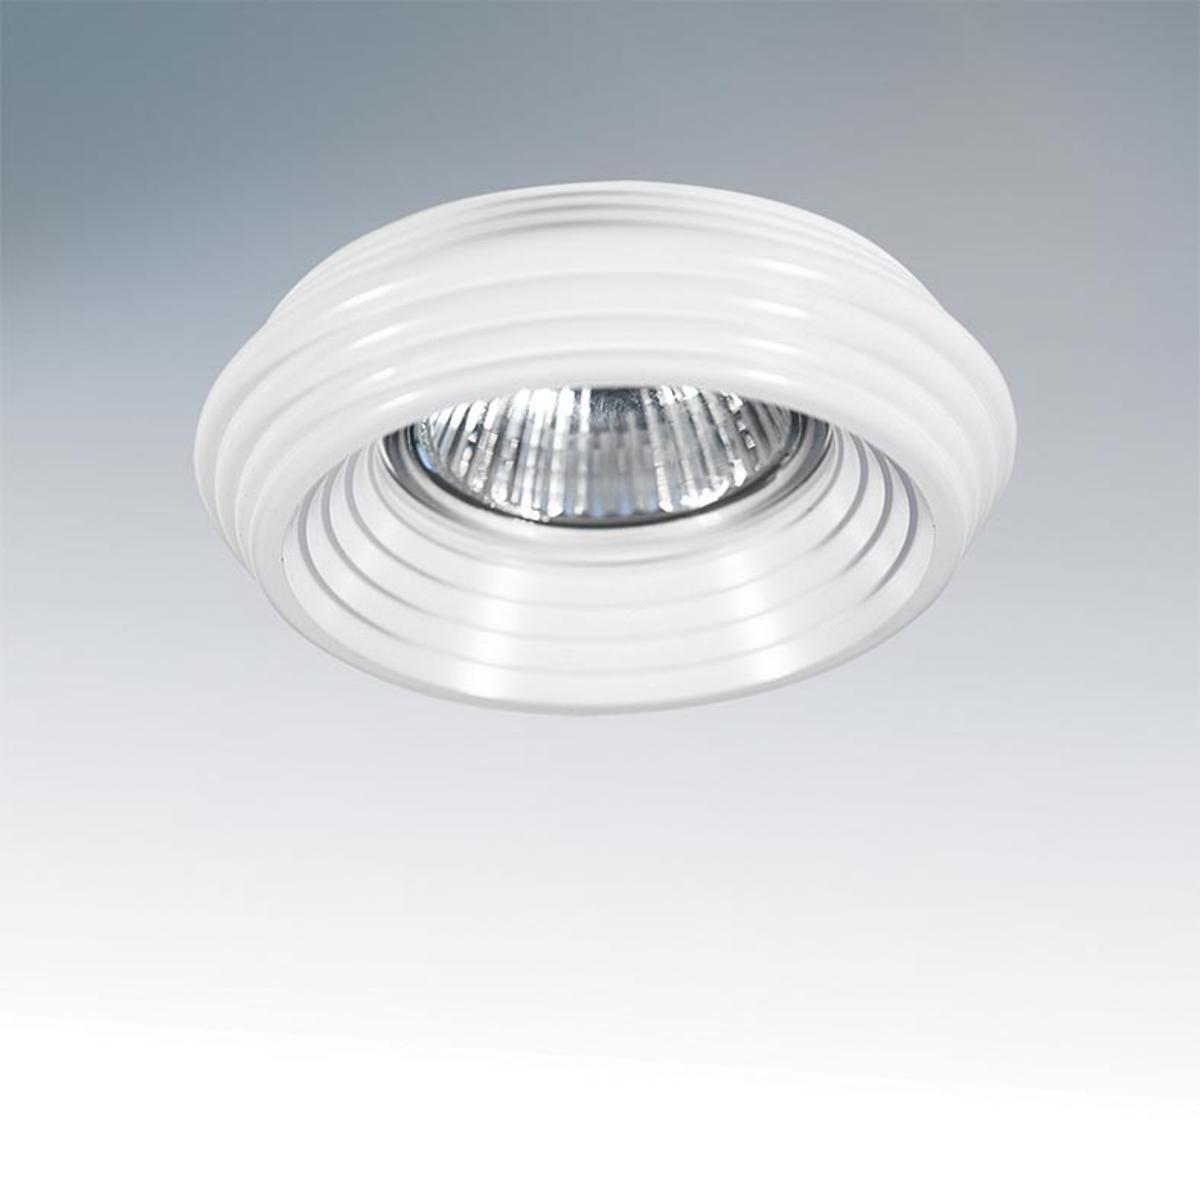 Купить Встраиваемый светильник Ringo 011000, HomeMe